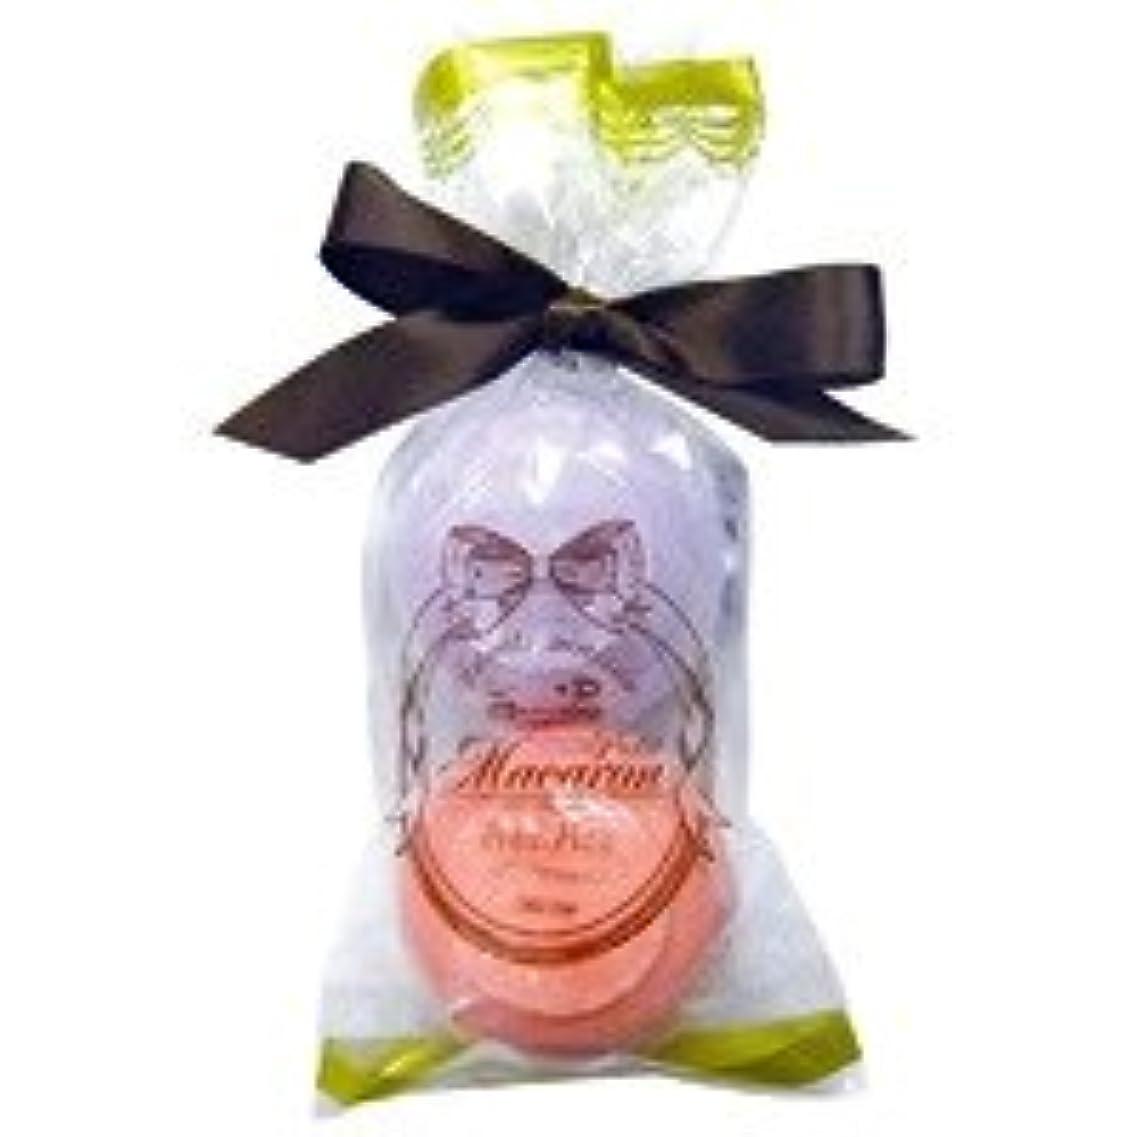 リスわな引くスウィーツメゾン プチマカロンミニセット「パープル&ダークピンク」6個セット フルーティーなザクロの香り&華やかなローズの香り